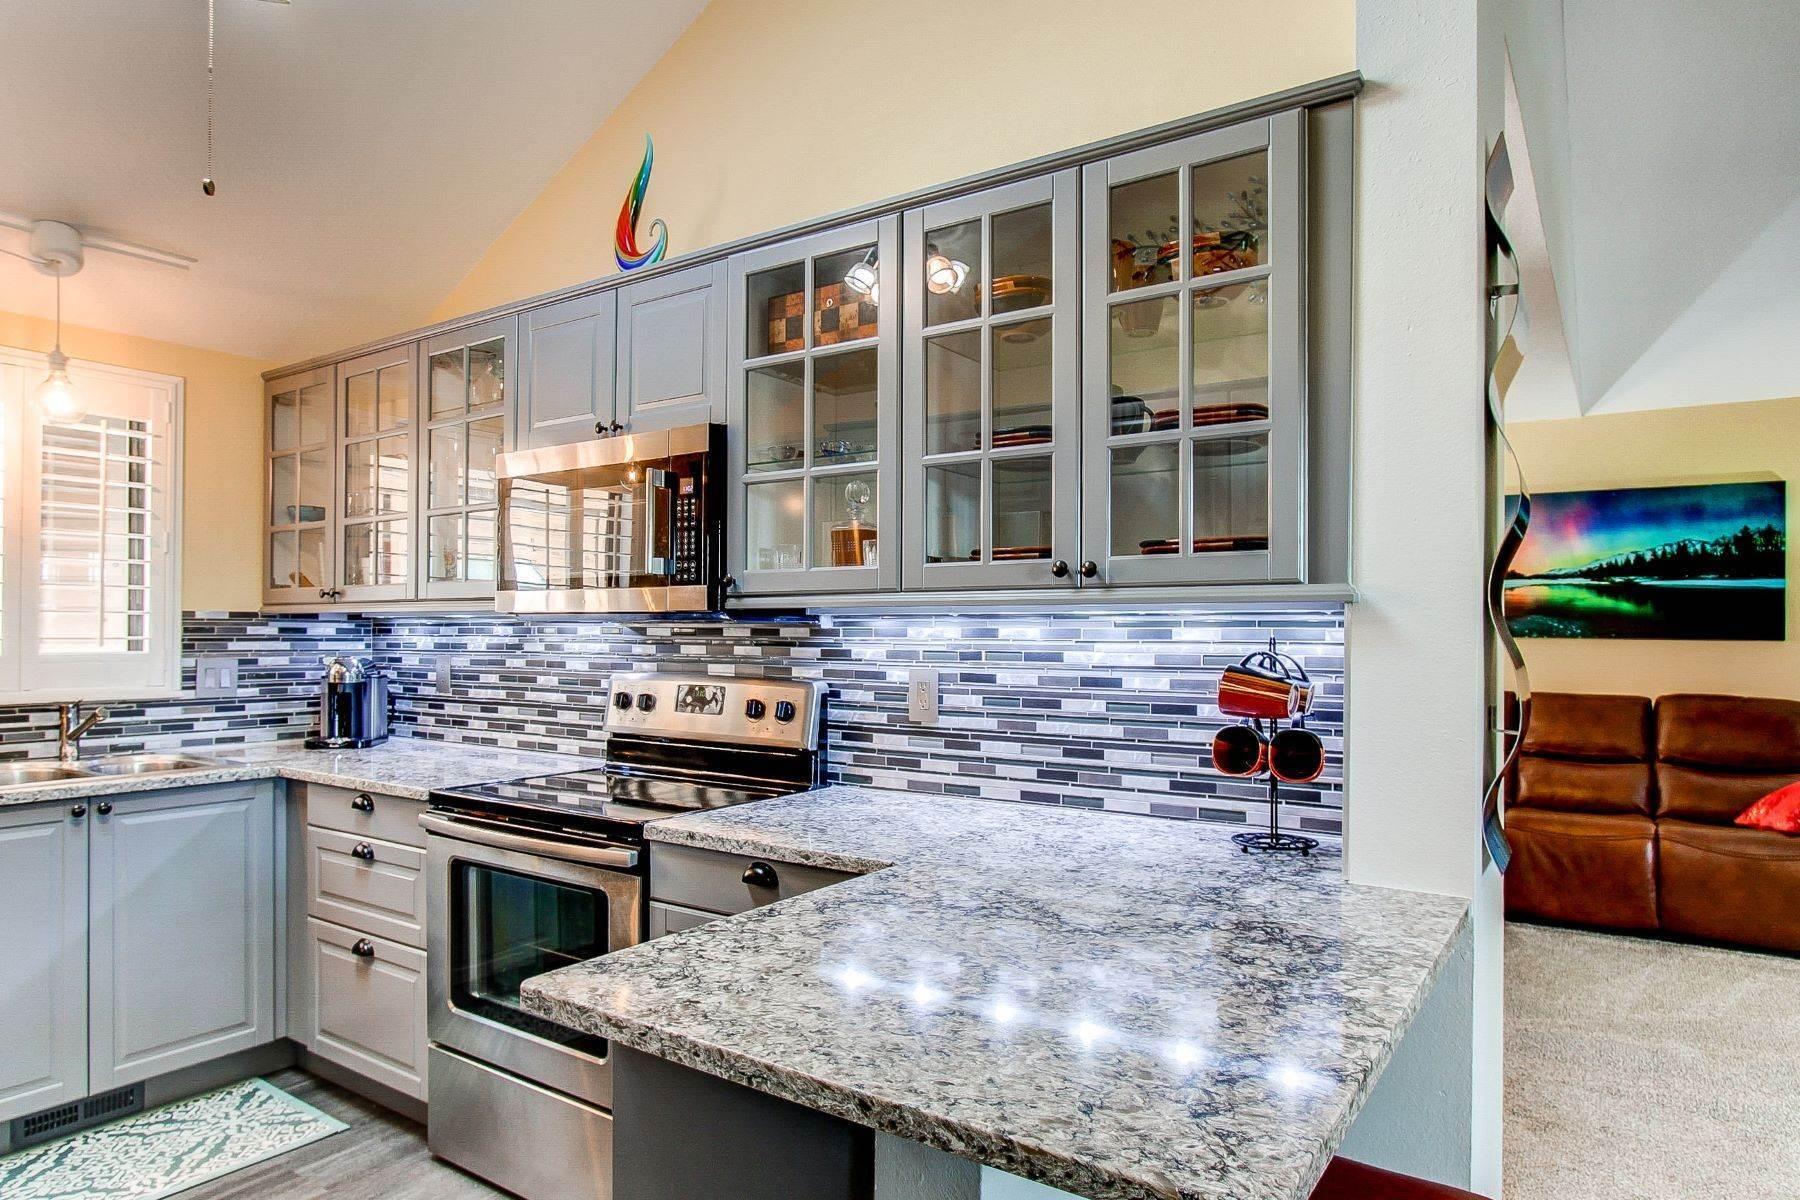 5555 E Briarwood Avenue Centennial Co 80122centennialcolorado80122condominiumsfor Sale